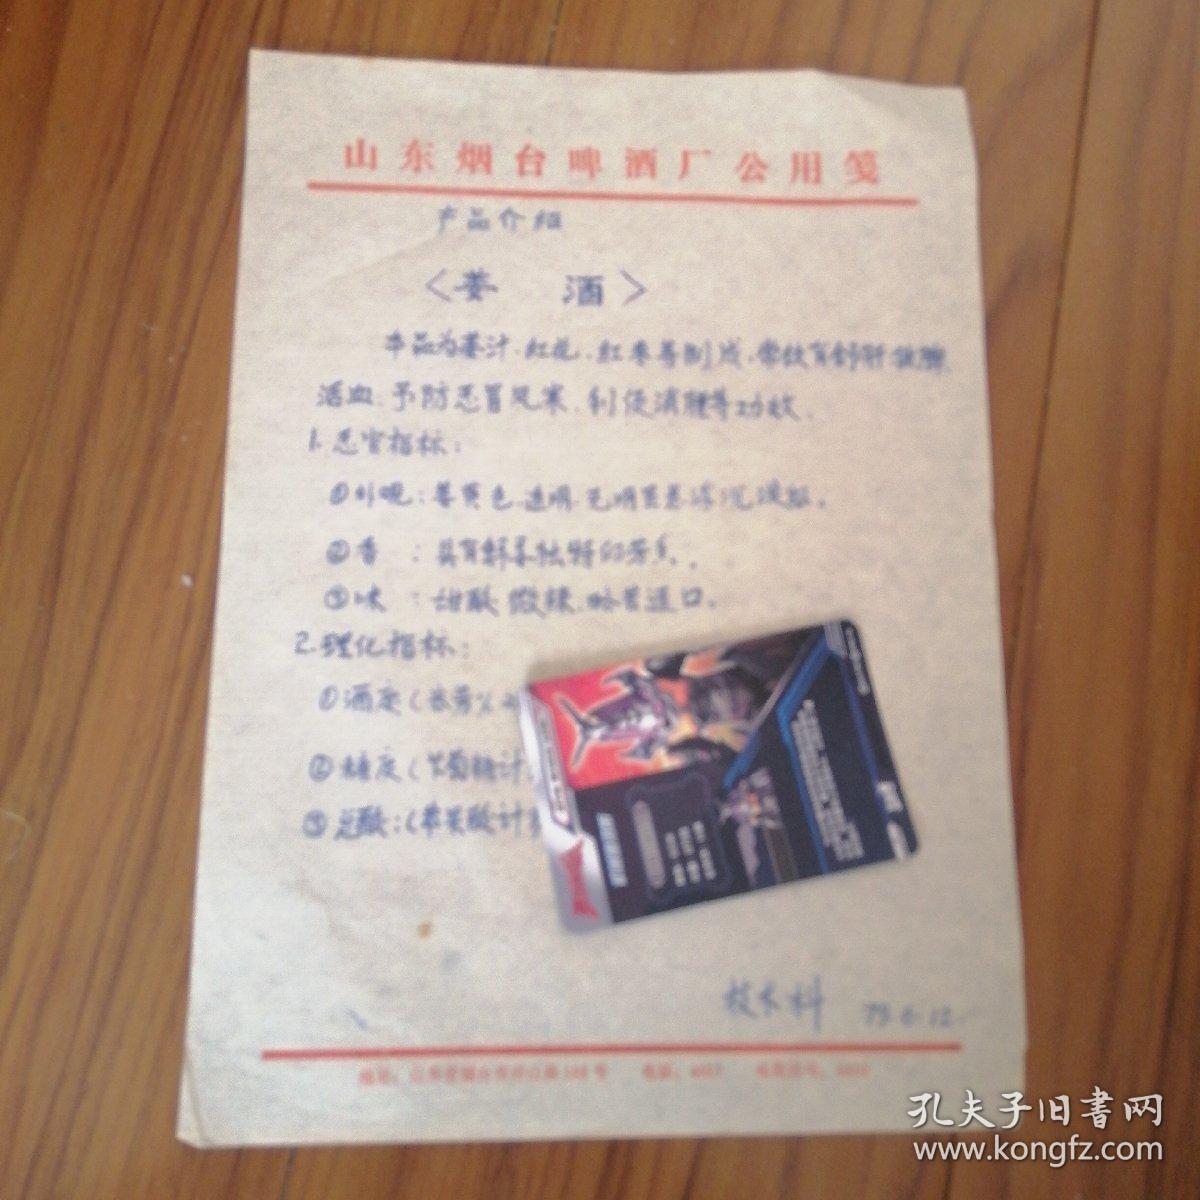 烟台果酒厂资料 姜酒产品介绍